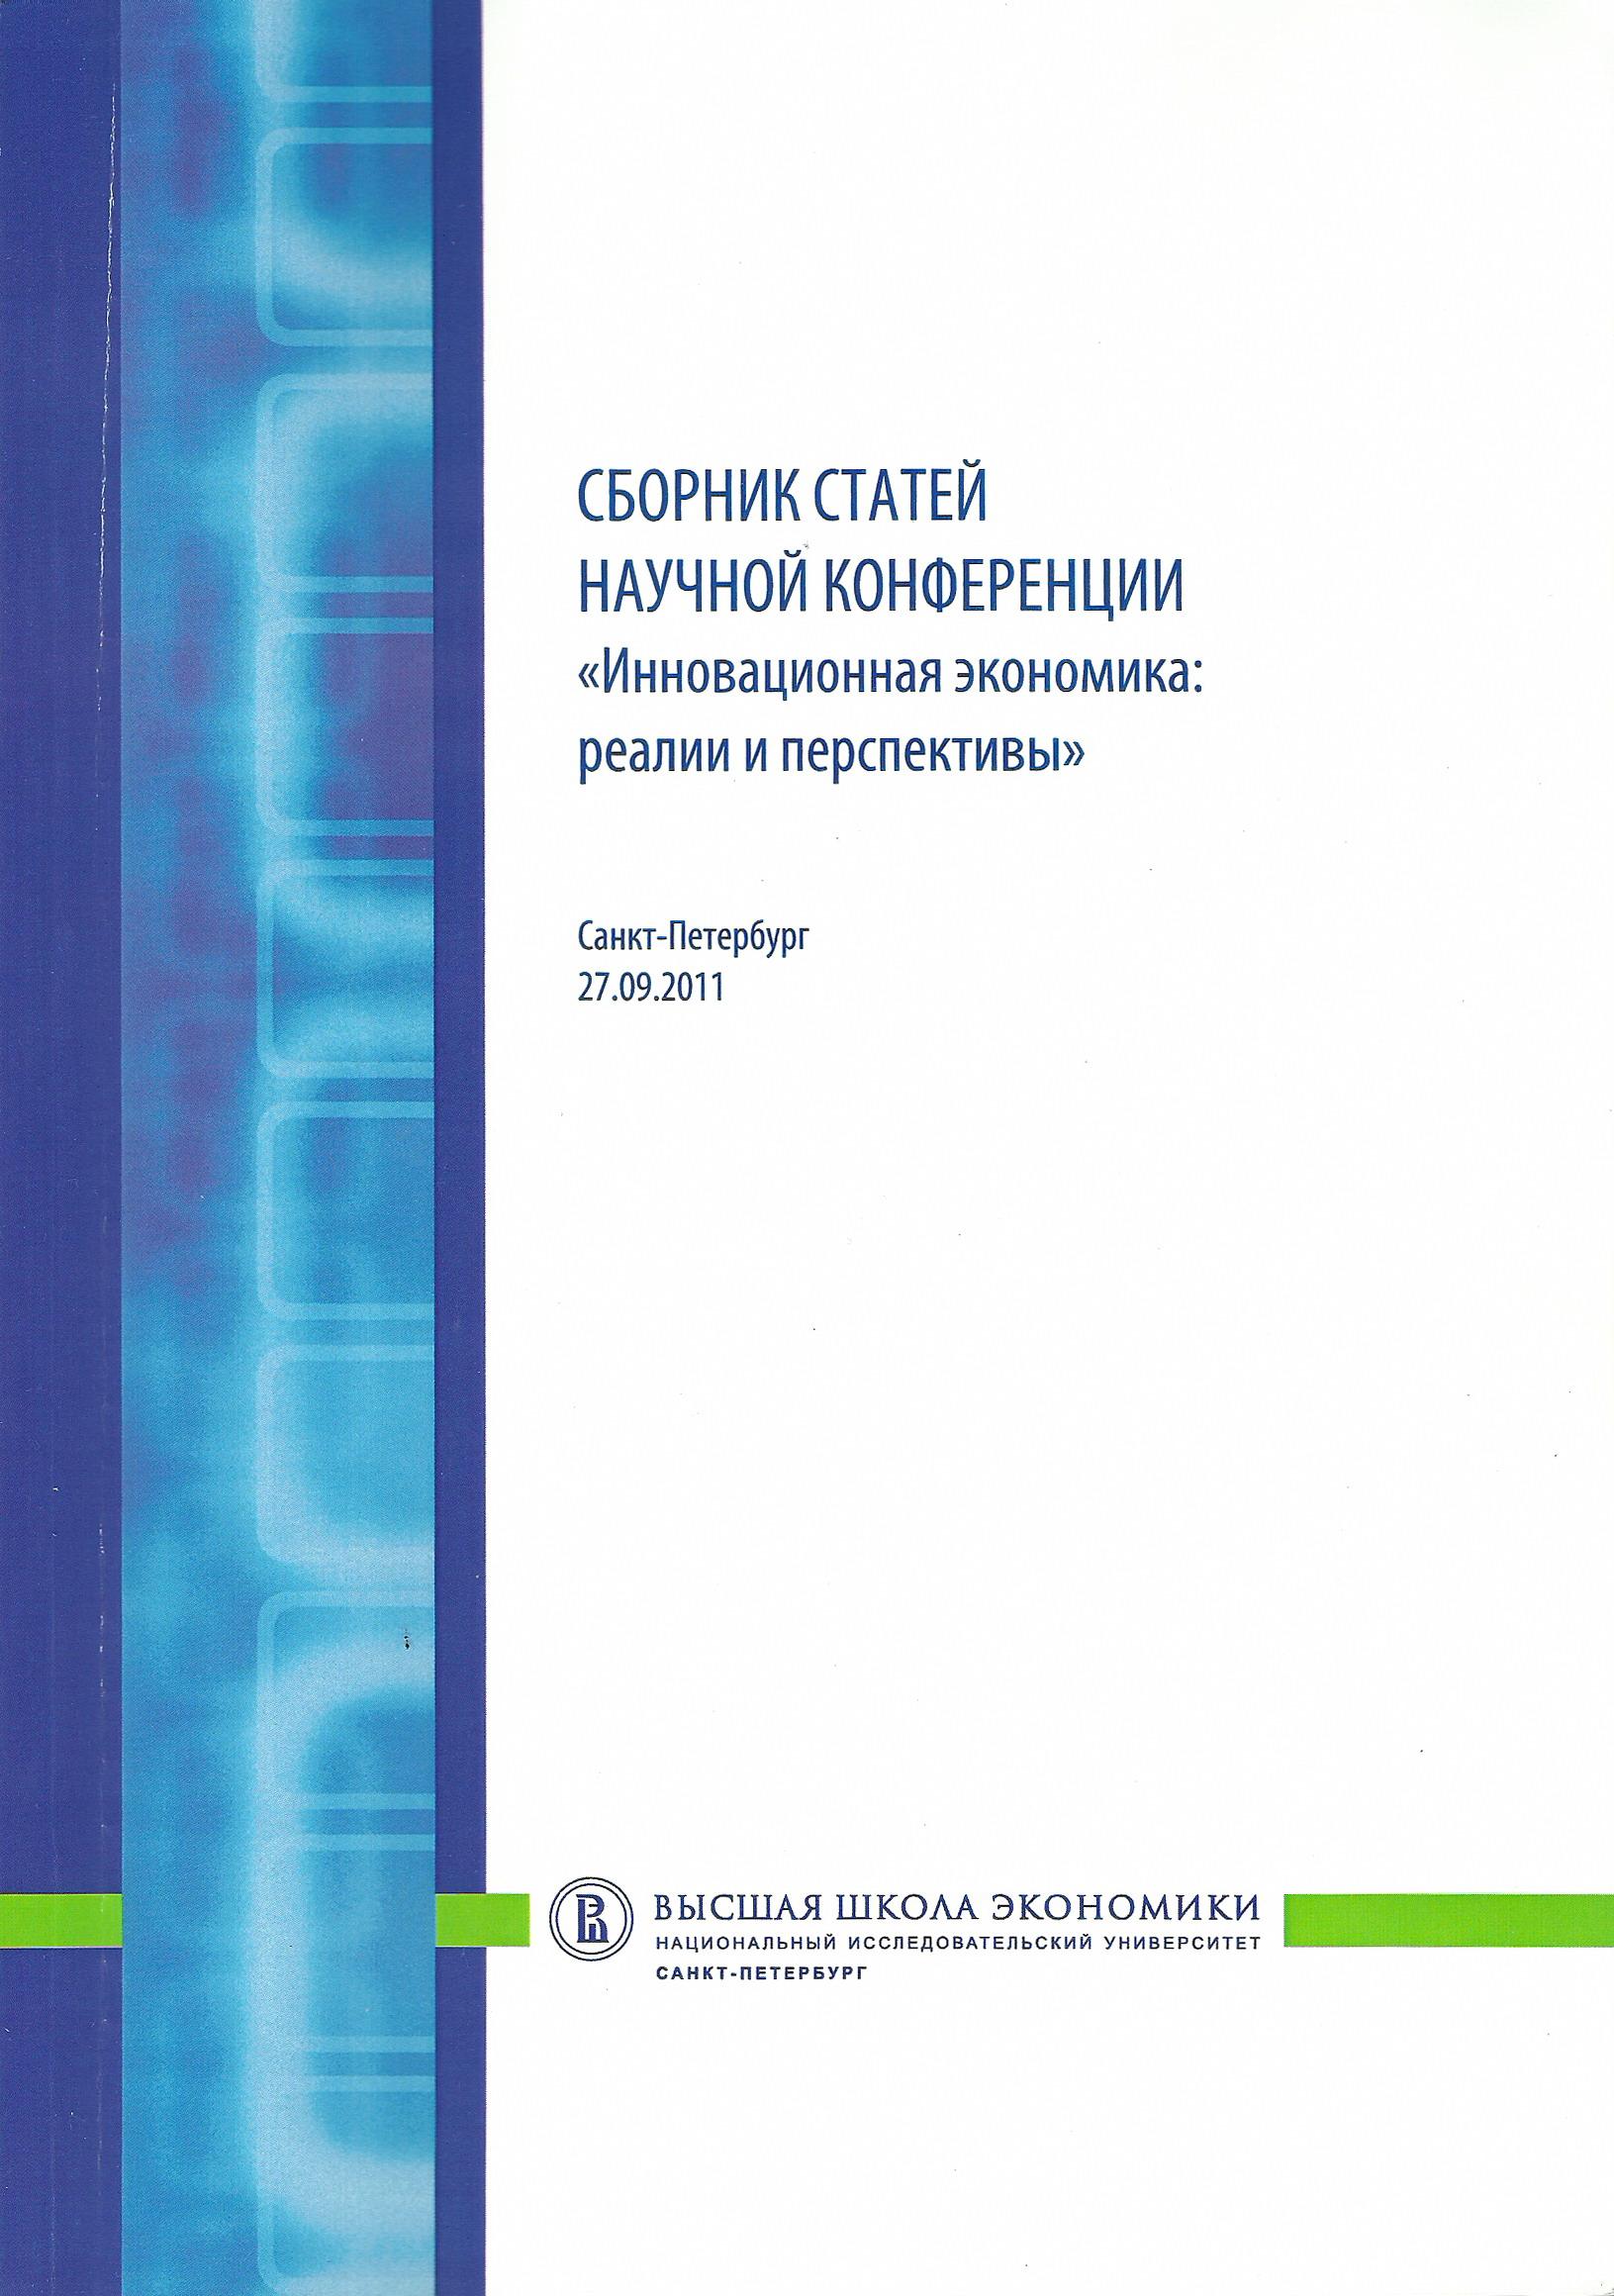 Инновационная экономика: реалии и перспективы: научная конференция, Санкт-Петербург, 27 сентября 2011 года